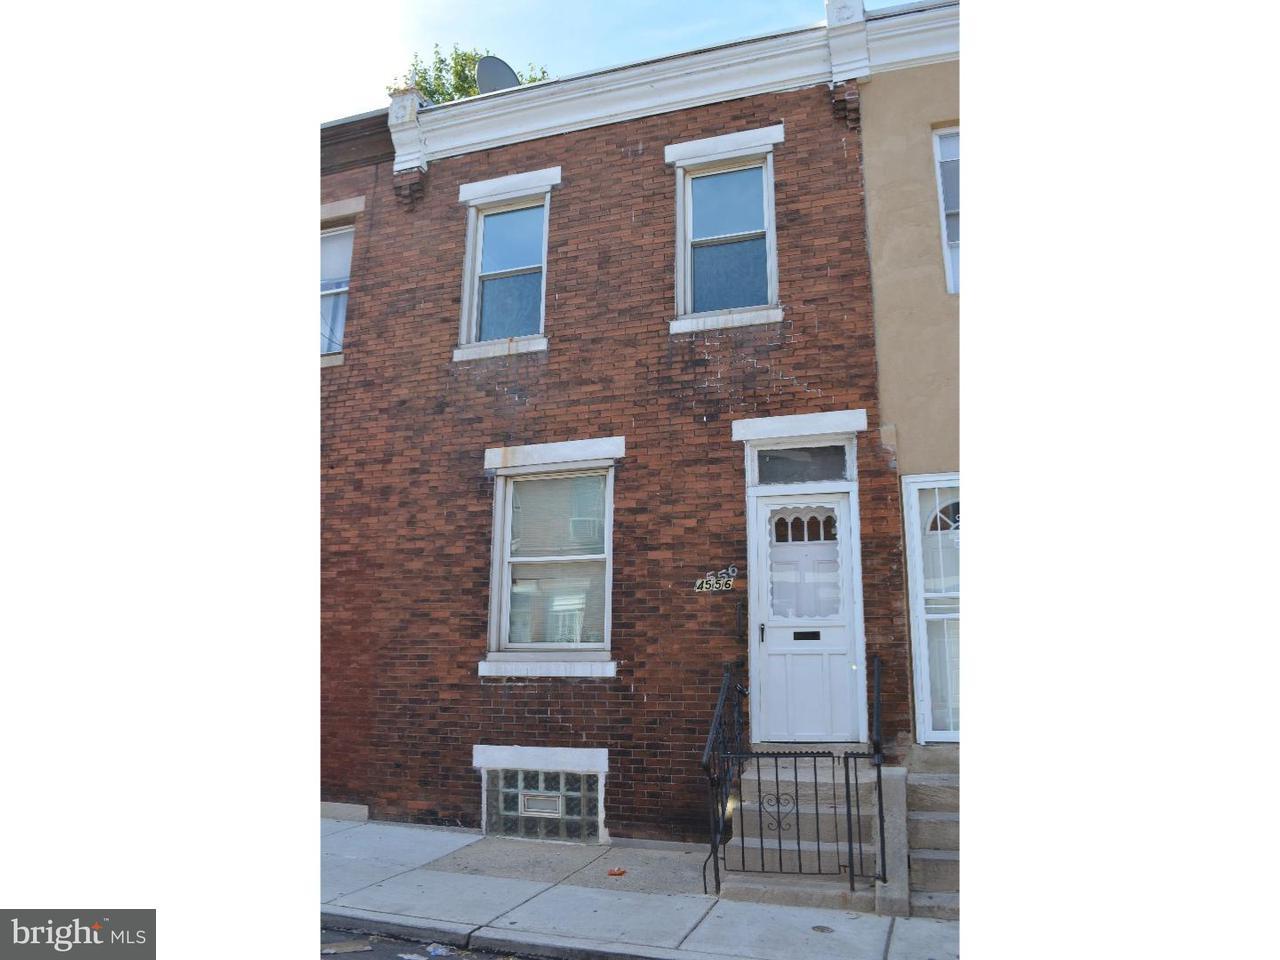 4556 N Mole Philadelphia, PA 19140